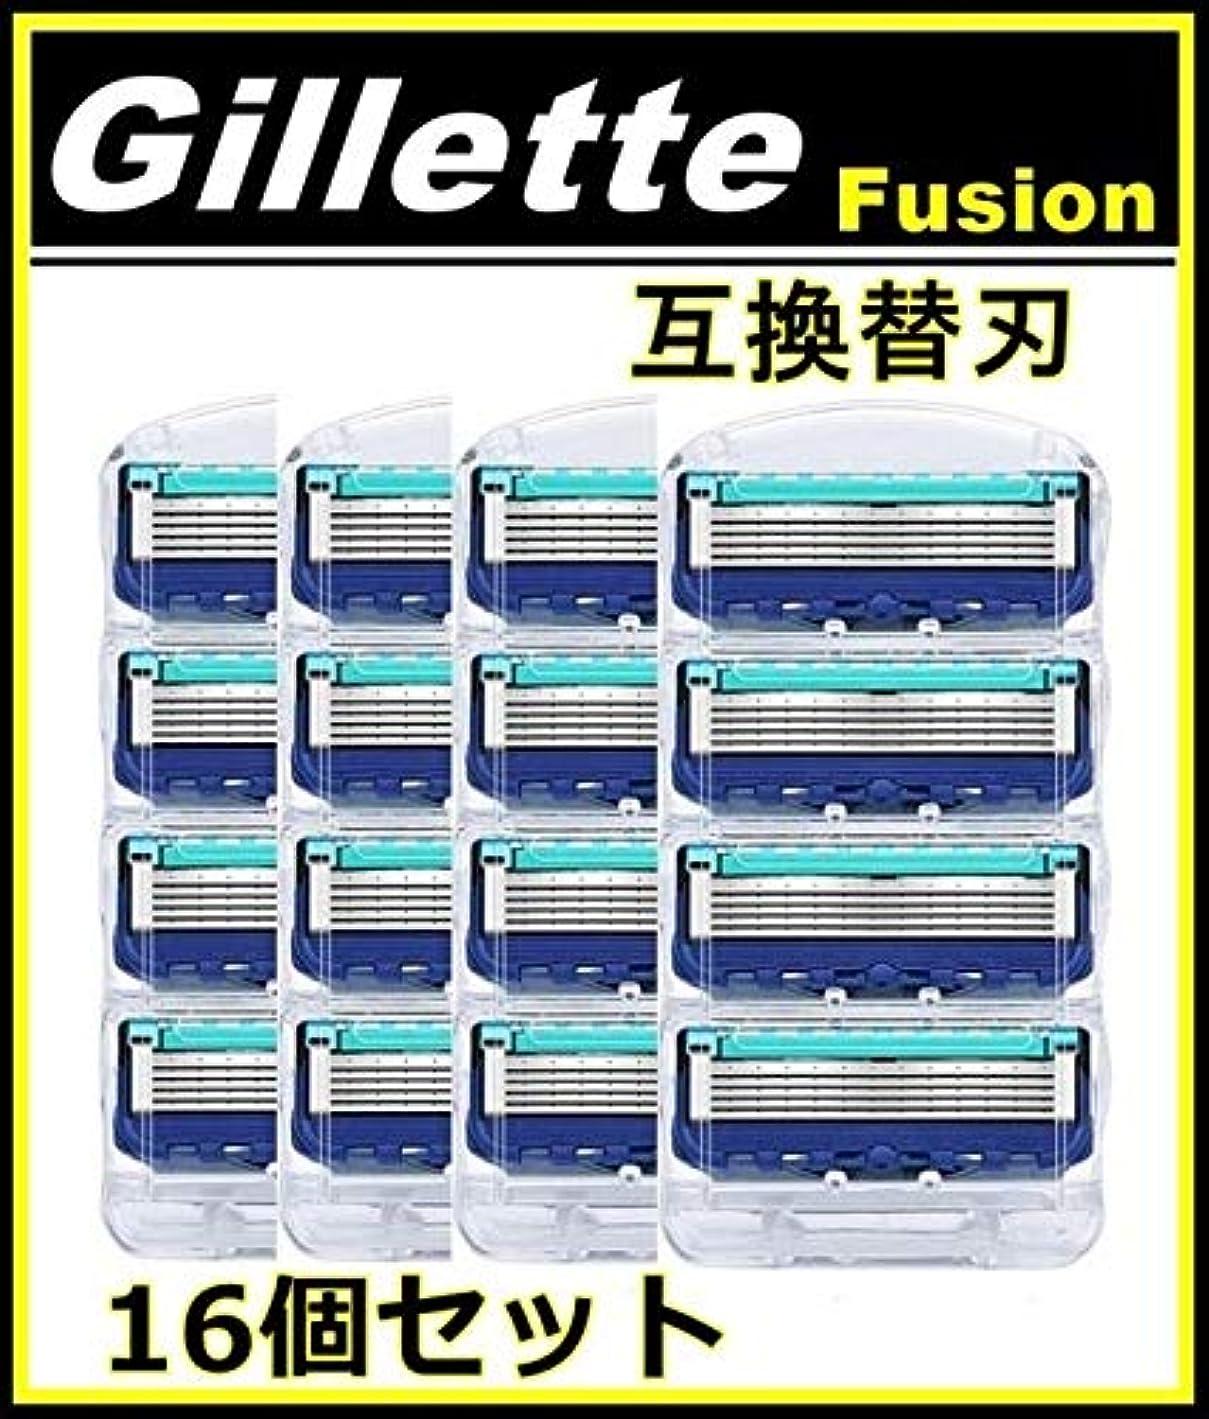 無限大デザート差し控えるジレット フュージョン用 替刃 互換品 4セット 16個 髭剃り Gillette Fusion プログライド パワー 替え刃 ブルー